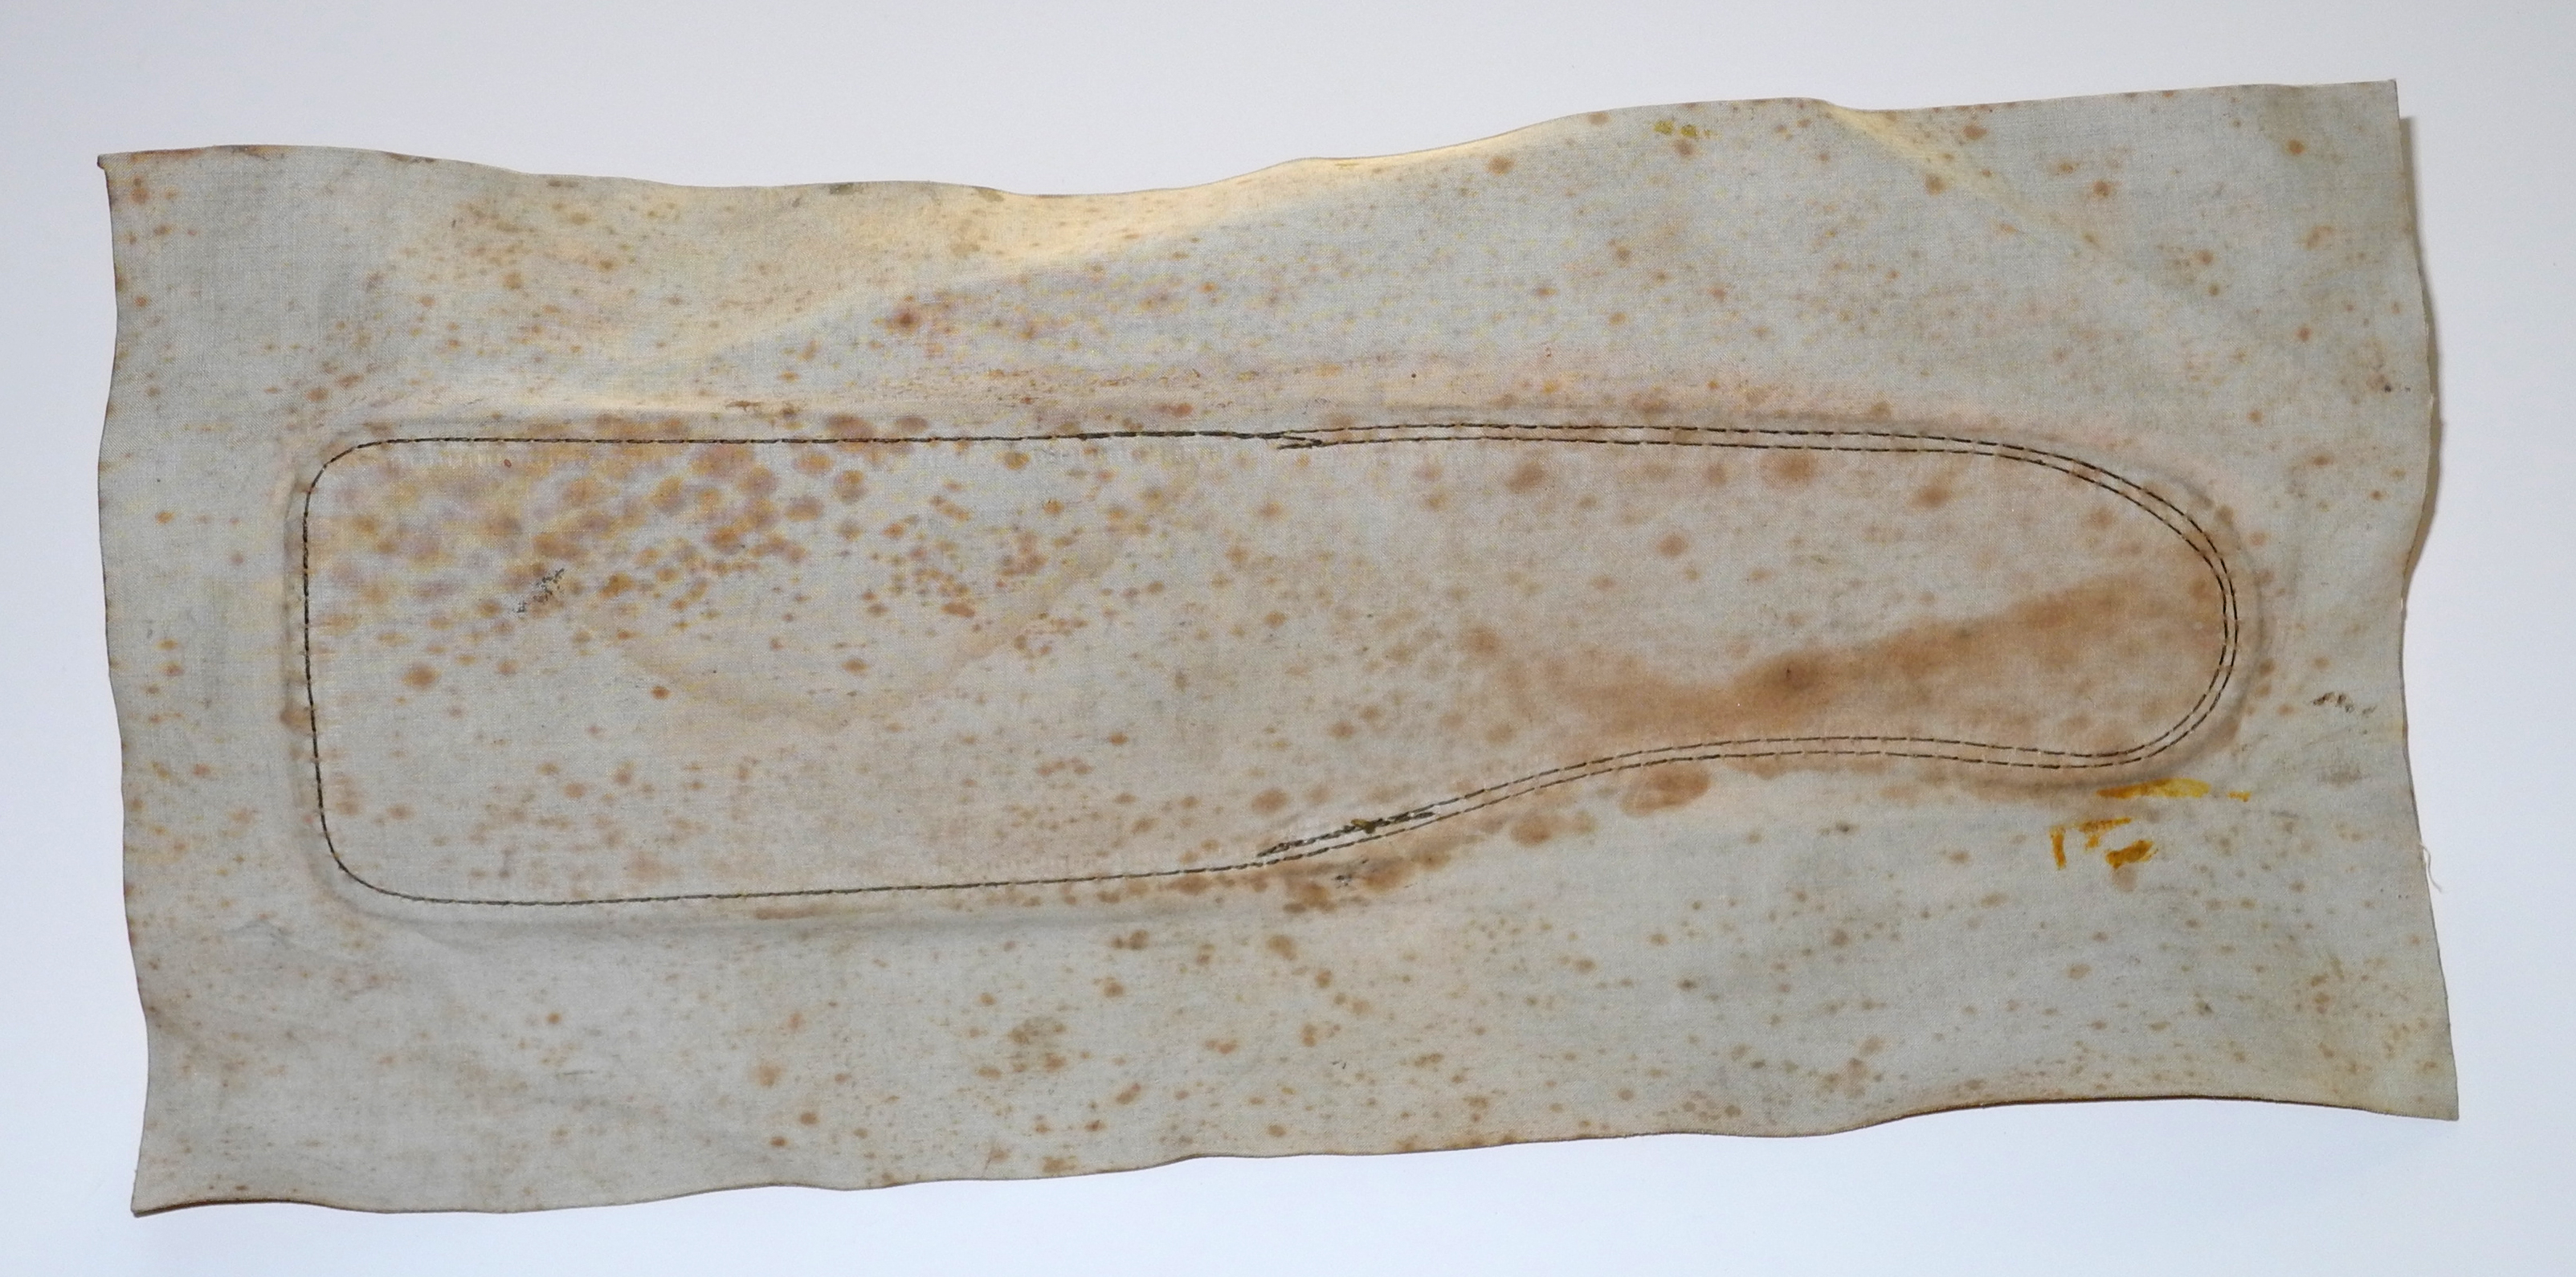 RAF dinghy knife - large version